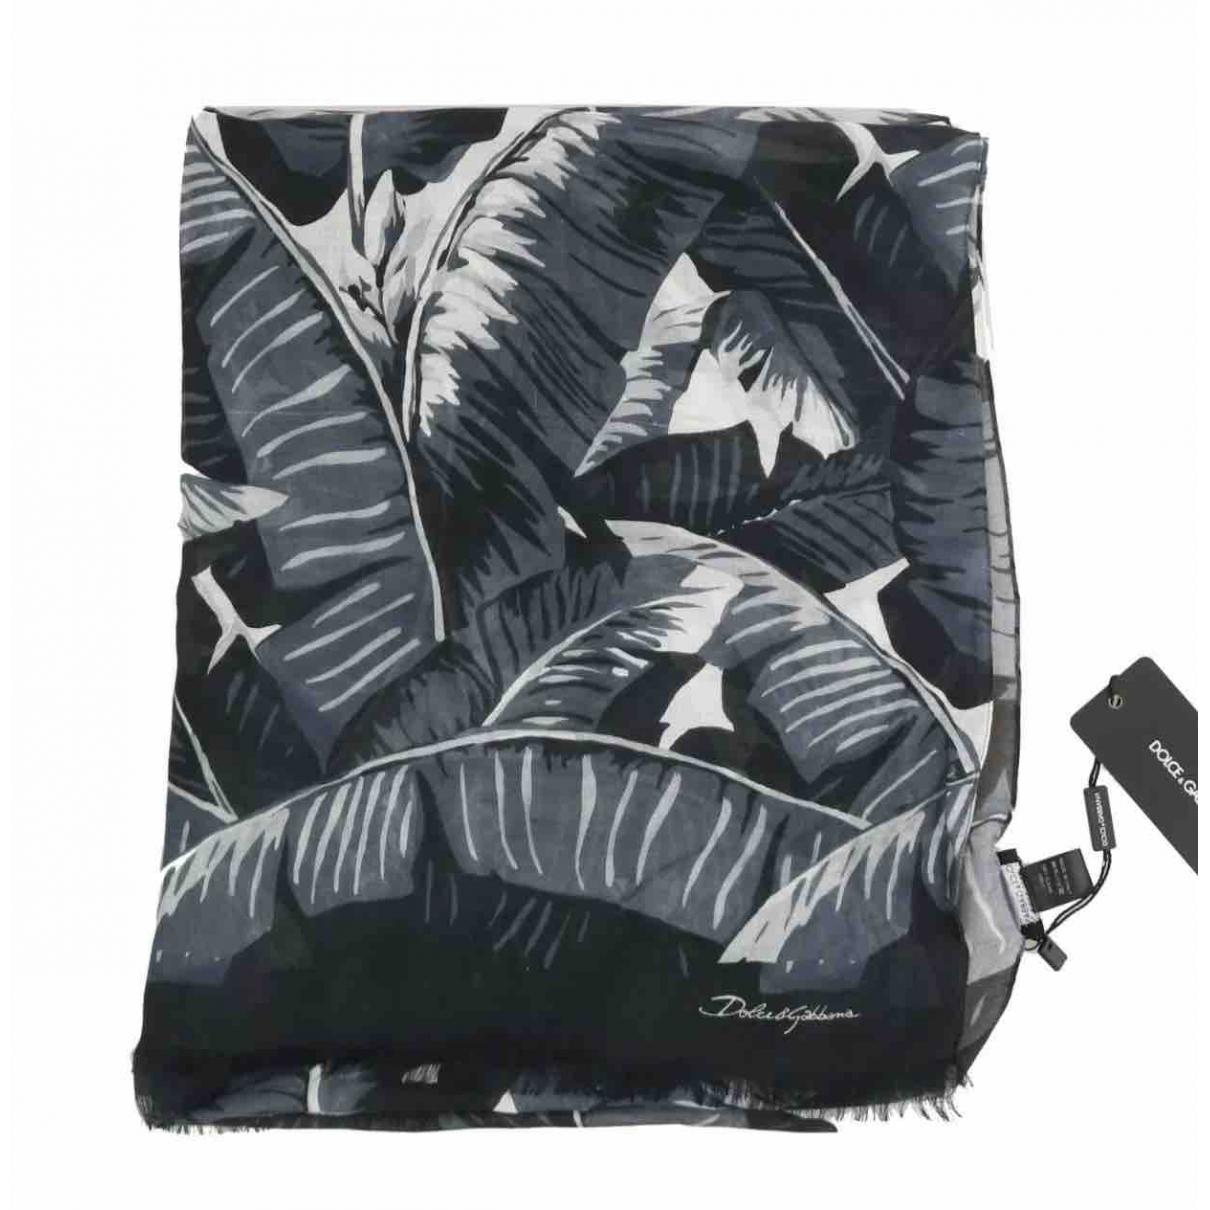 Dolce & Gabbana - Cheches.Echarpes   pour homme en cachemire - noir